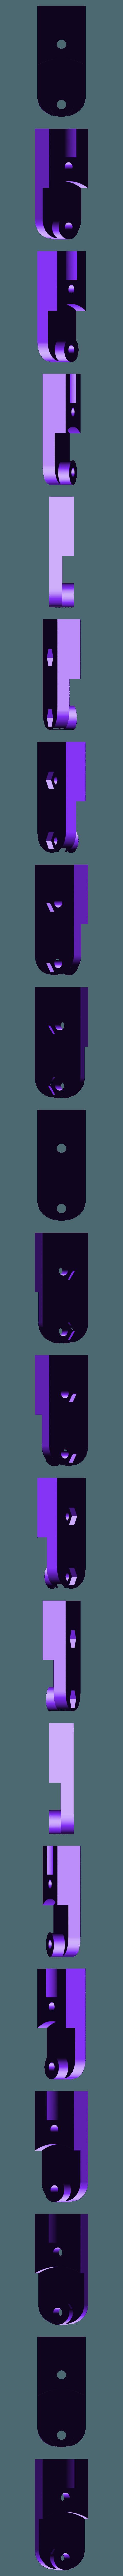 filament_pressure_bar_partB.stl Télécharger fichier STL gratuit Extrudeuse à engrenages • Modèle pour impression 3D, Job